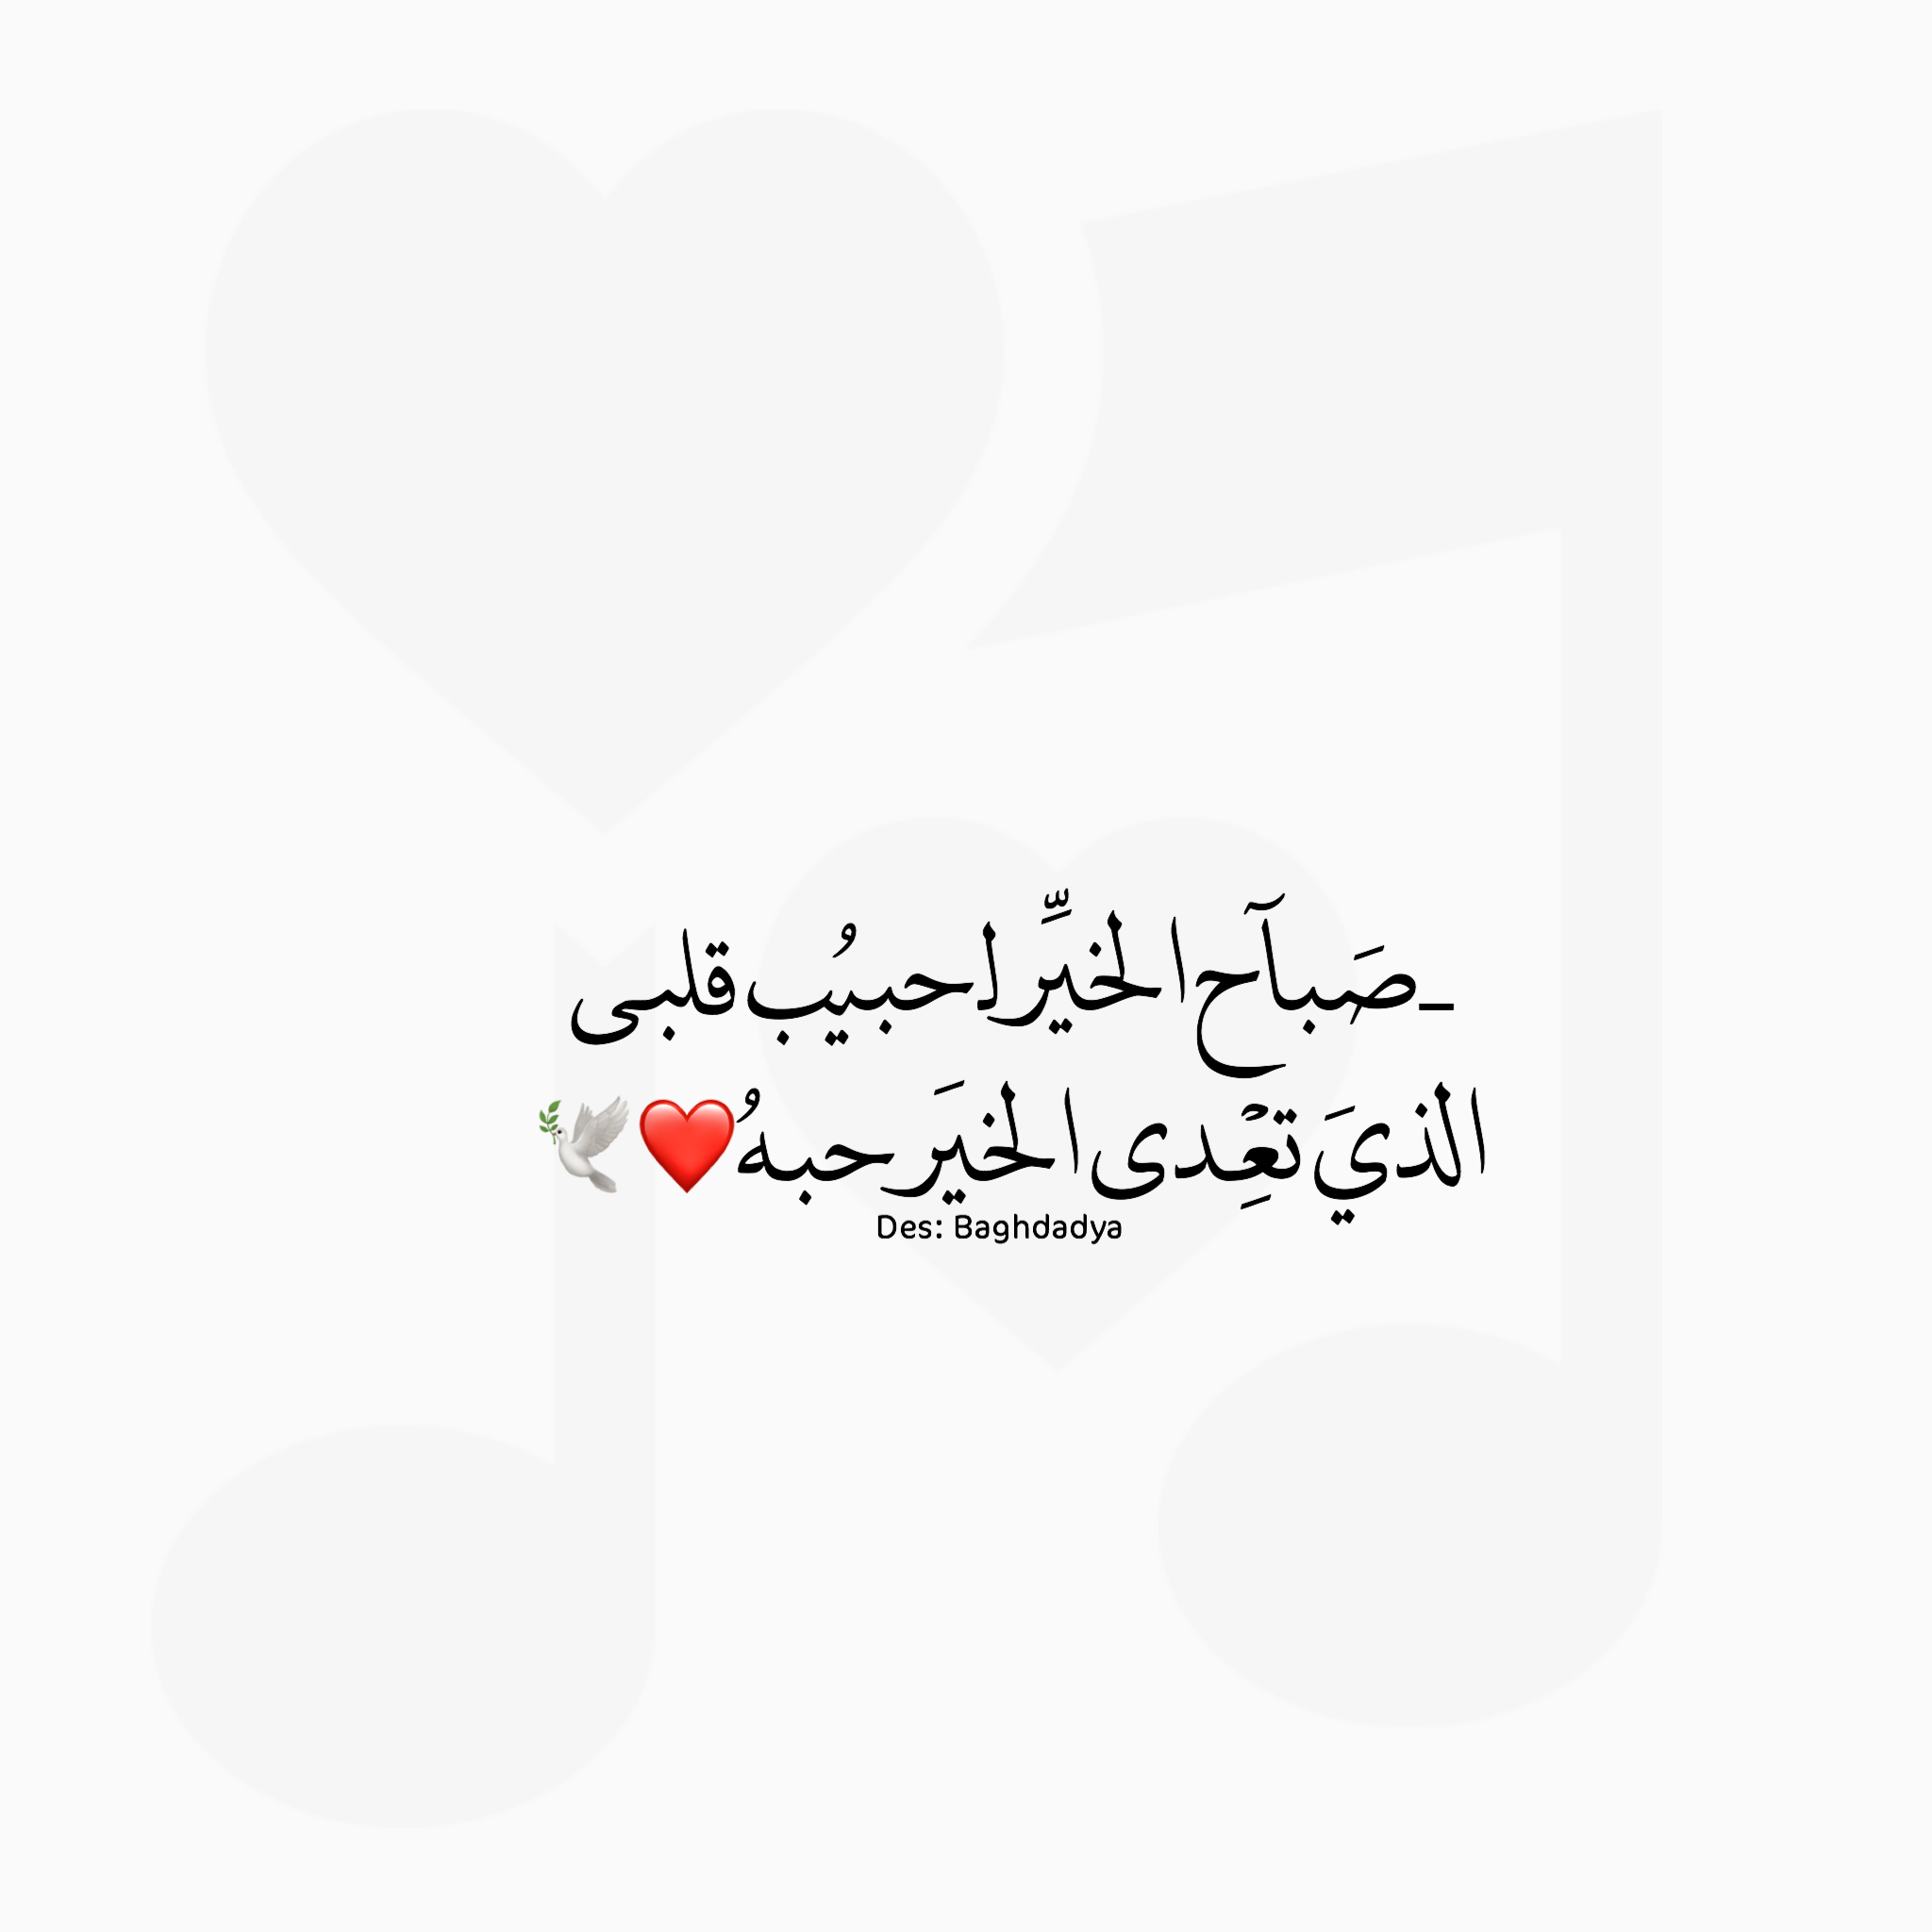 إن شاء الله سوف انظر لوجهك وانت نايمة وﻻ اشبع منه وانتظر أن تفتحي أجمل عيون عسليا وقولك صبا Calligraphy Quotes Love Love Quotes For Wedding Morning Love Quotes